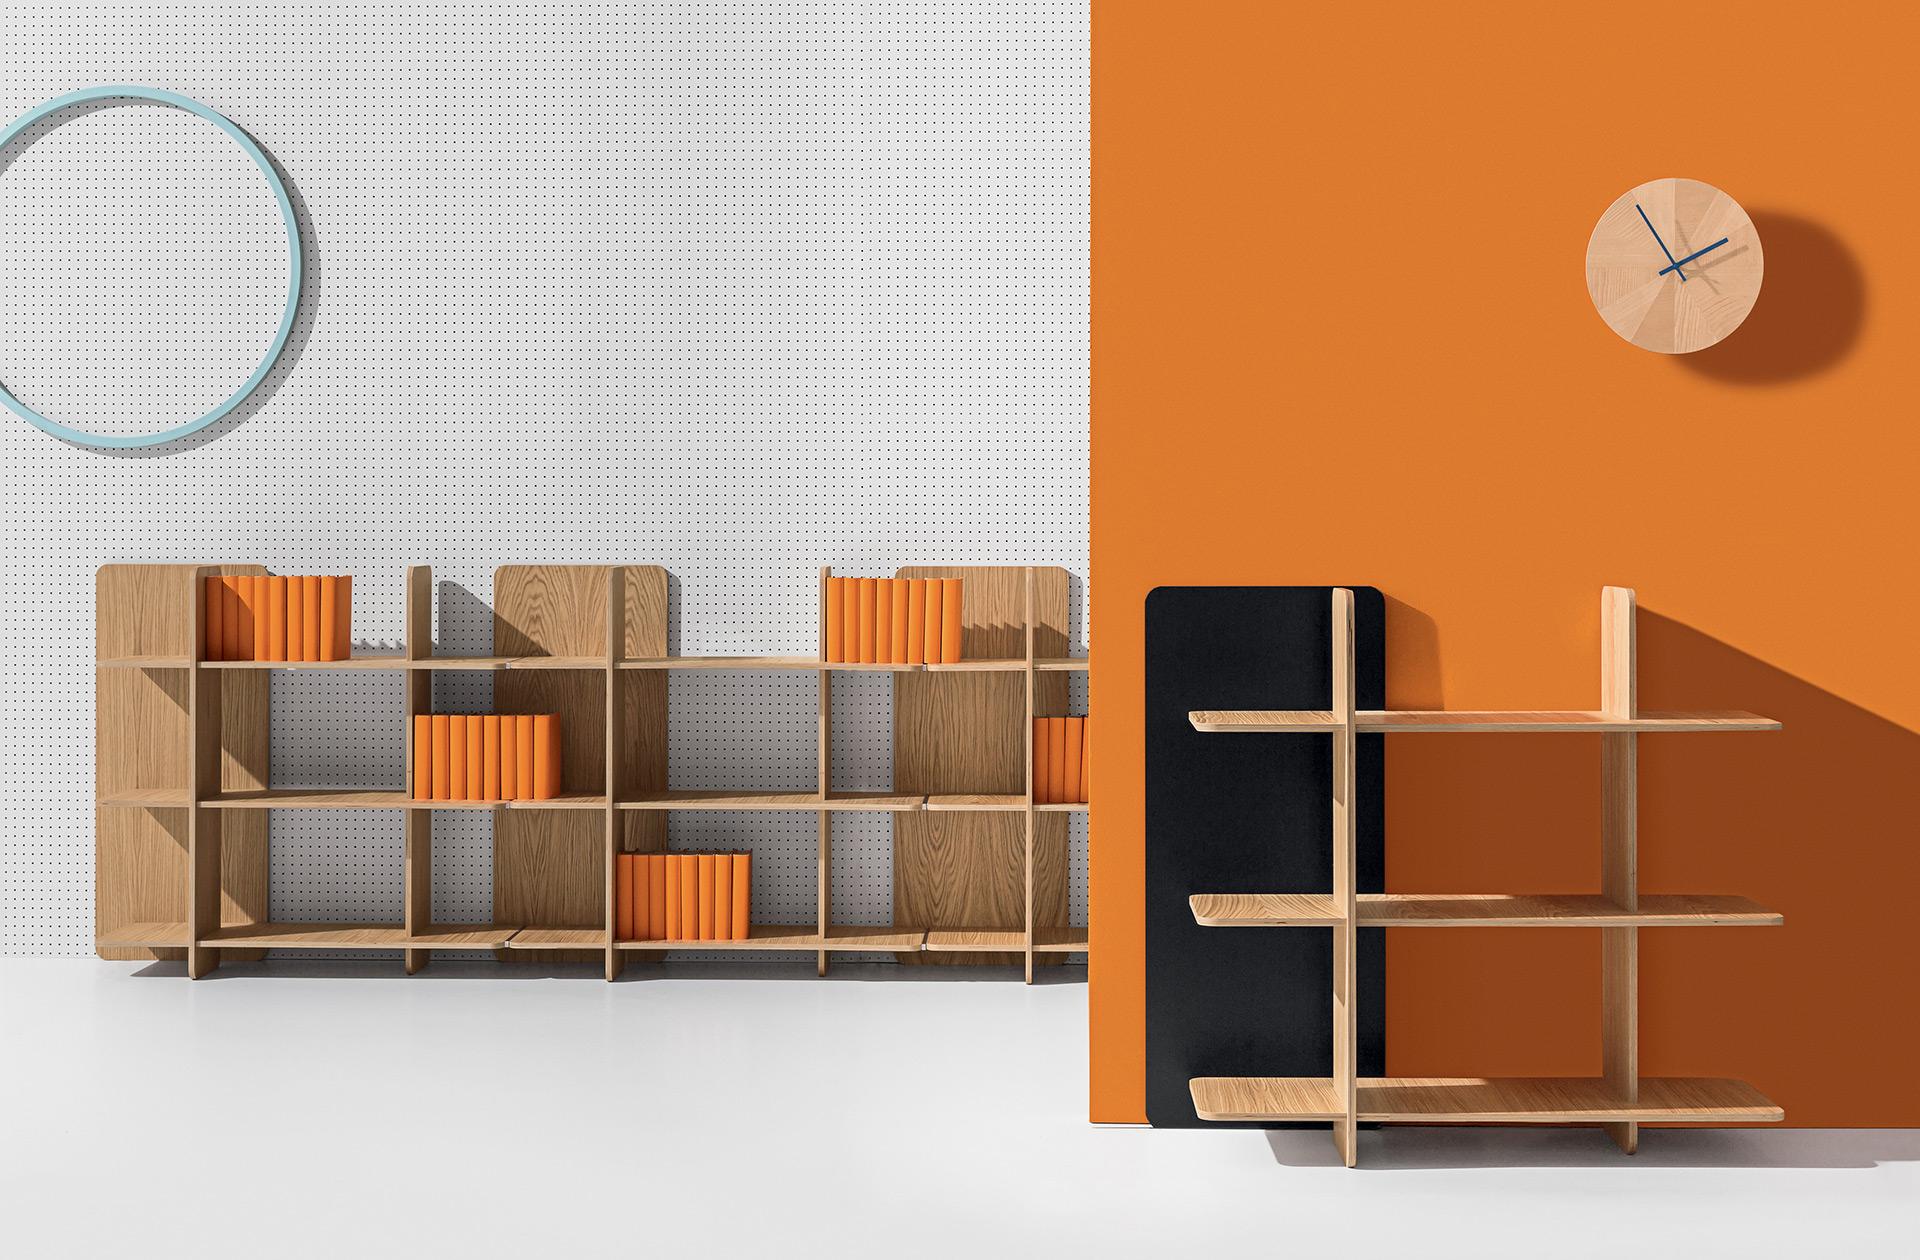 Axis - libreria, libreria design, libreria moderna